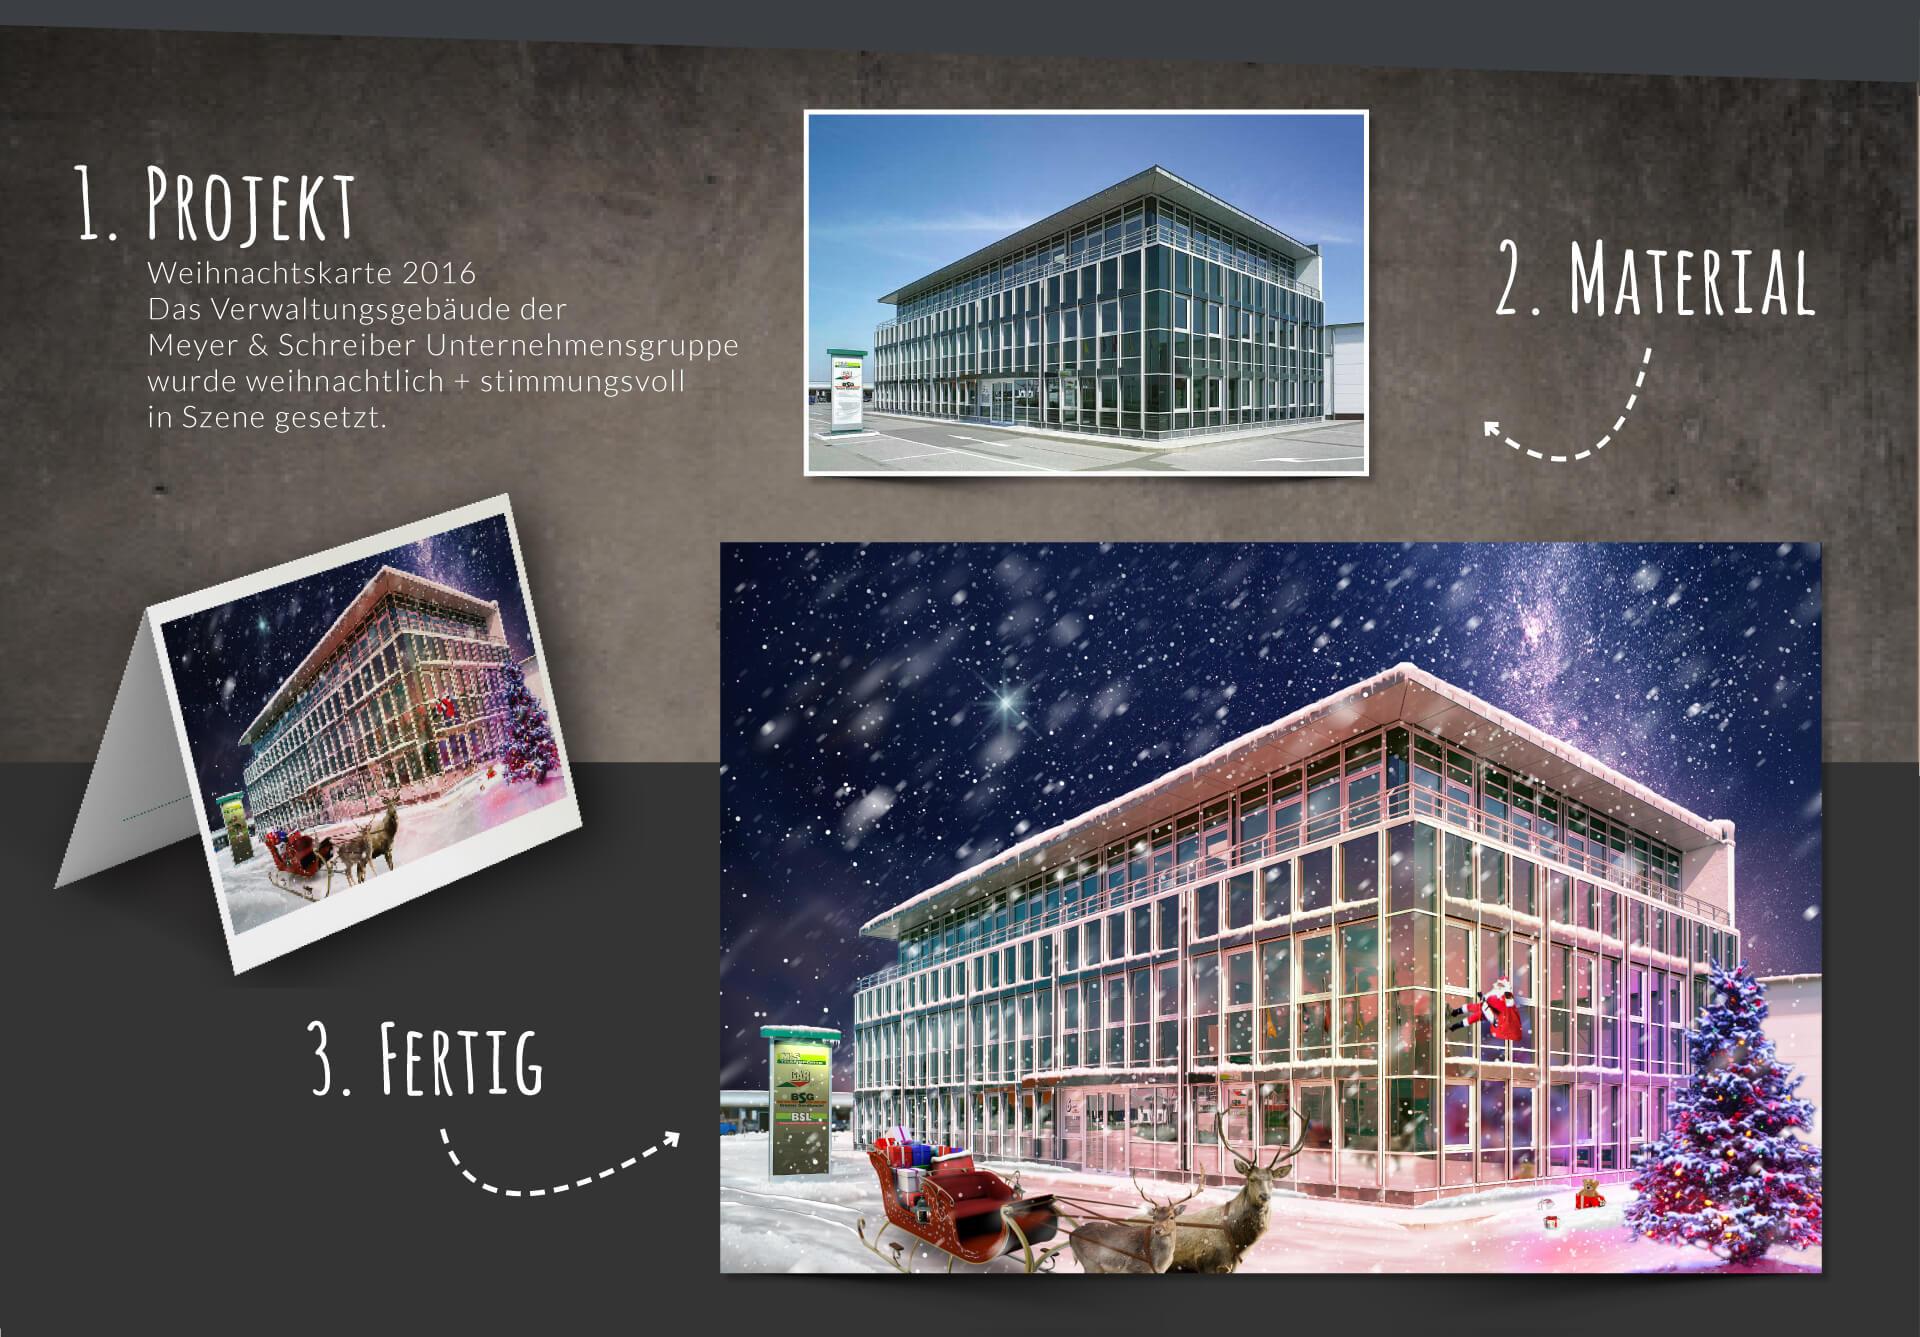 Meyer & Schreiber Unternehmensgruppe Werbeanzeige Weihnachtskarte 2016